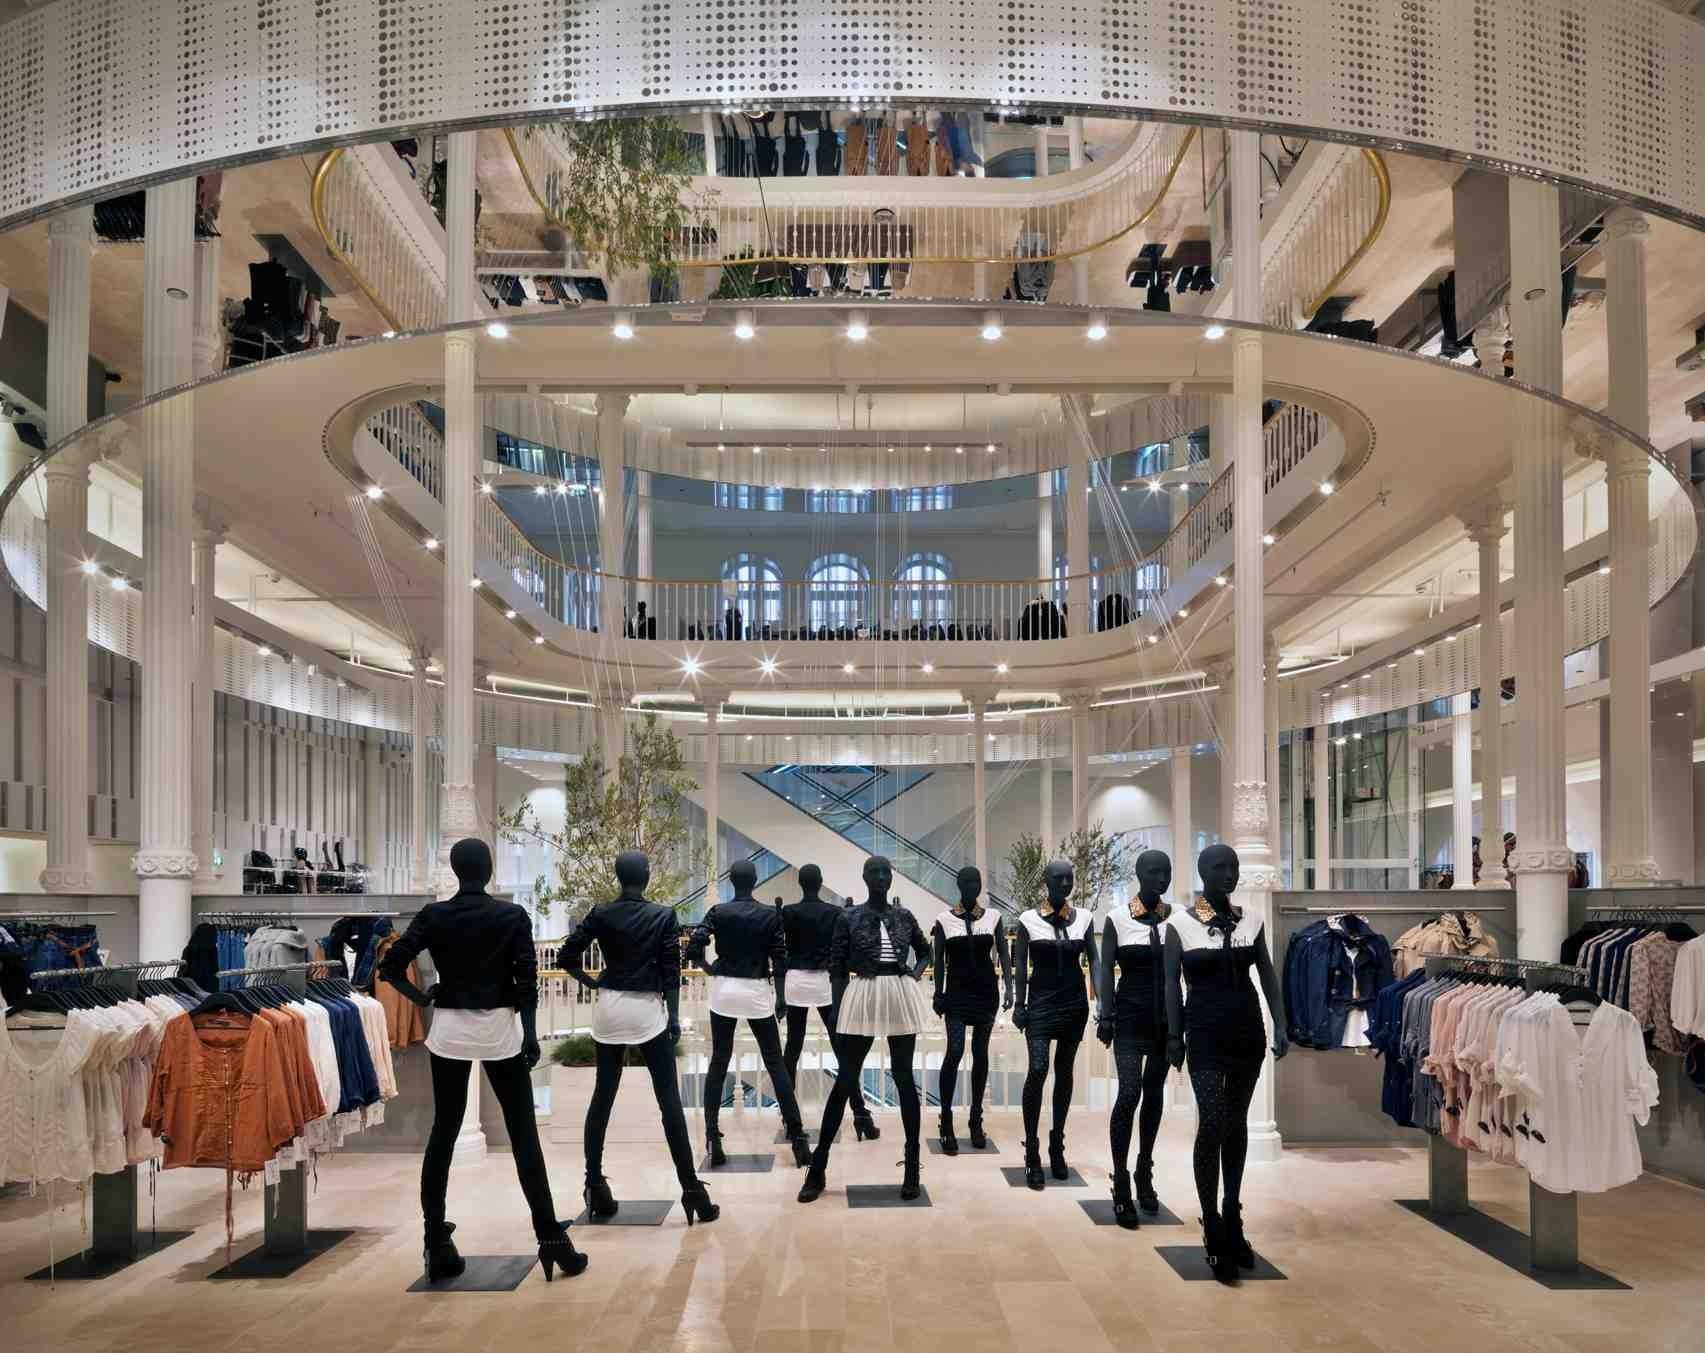 Zara Rome / Duccio Grassi Architects, © Andrea Martiradonna